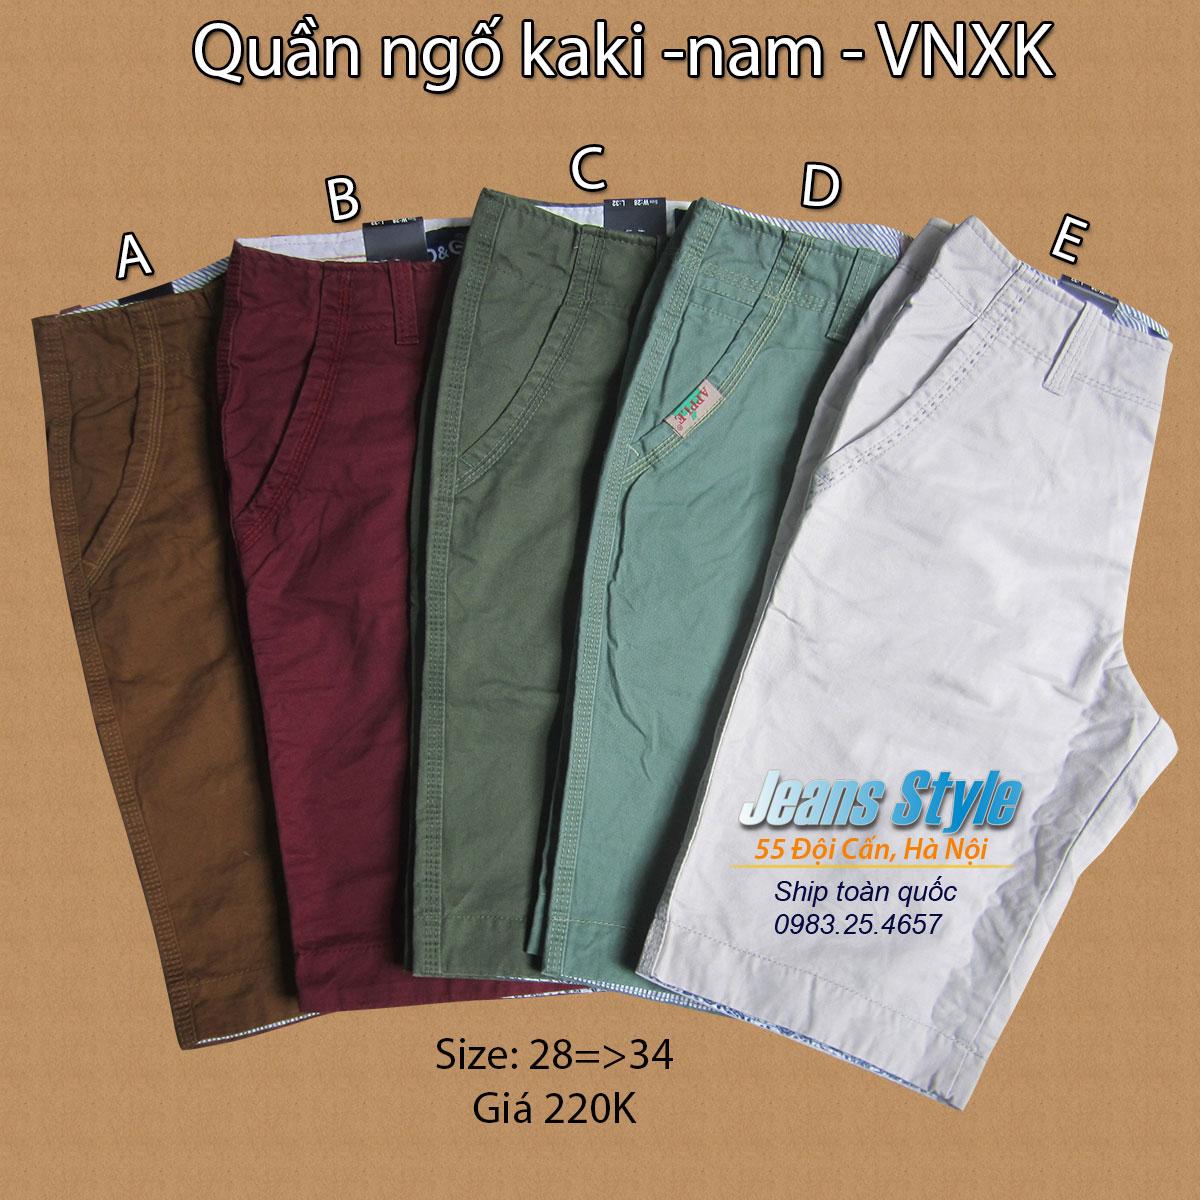 Quần ngố KaKi nam - VNXK size 28 => 34 Giá:220.000,00 ₫